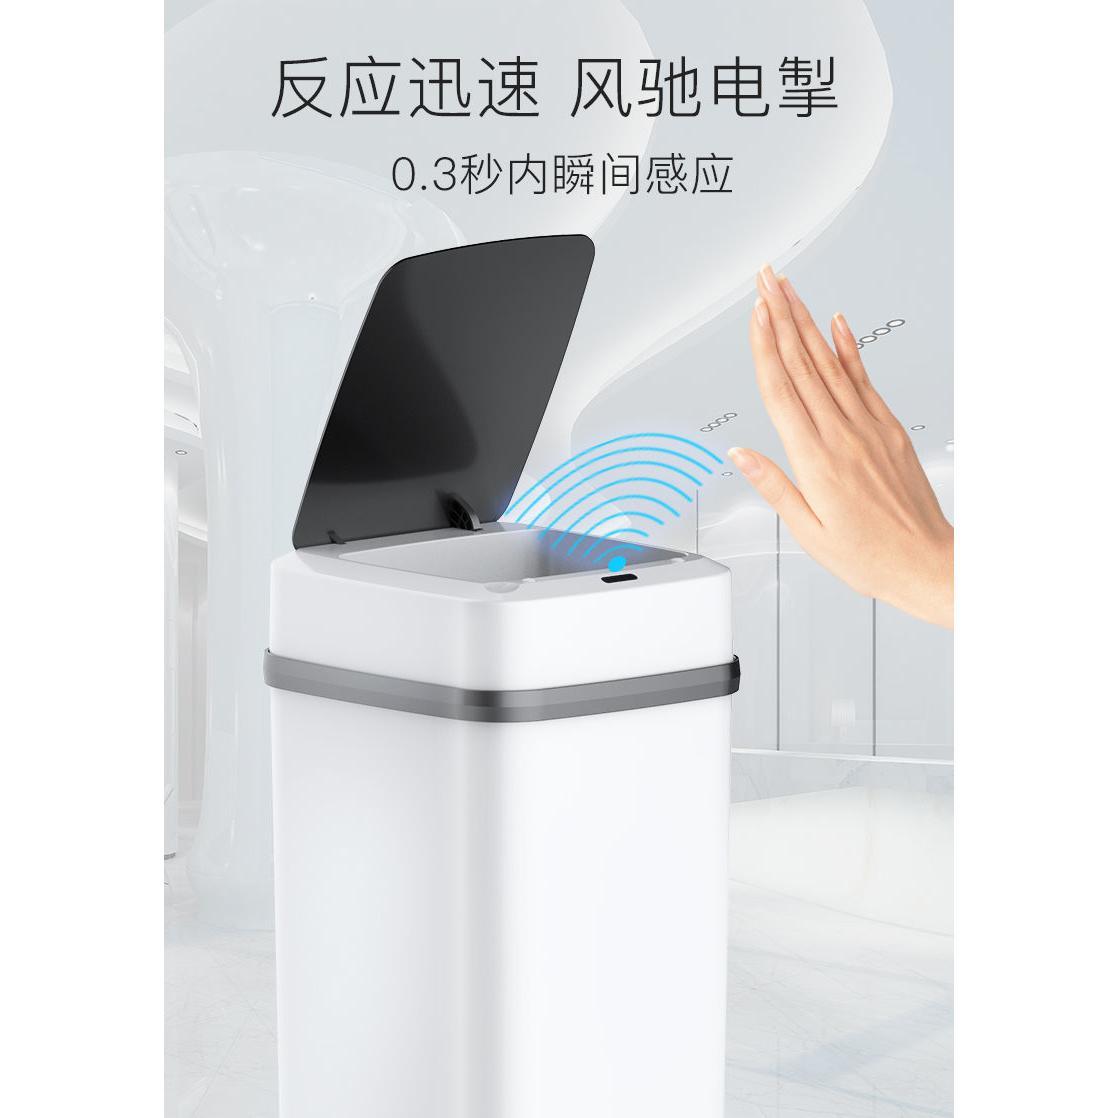 智能自動感應式垃圾桶(15L,電池版)